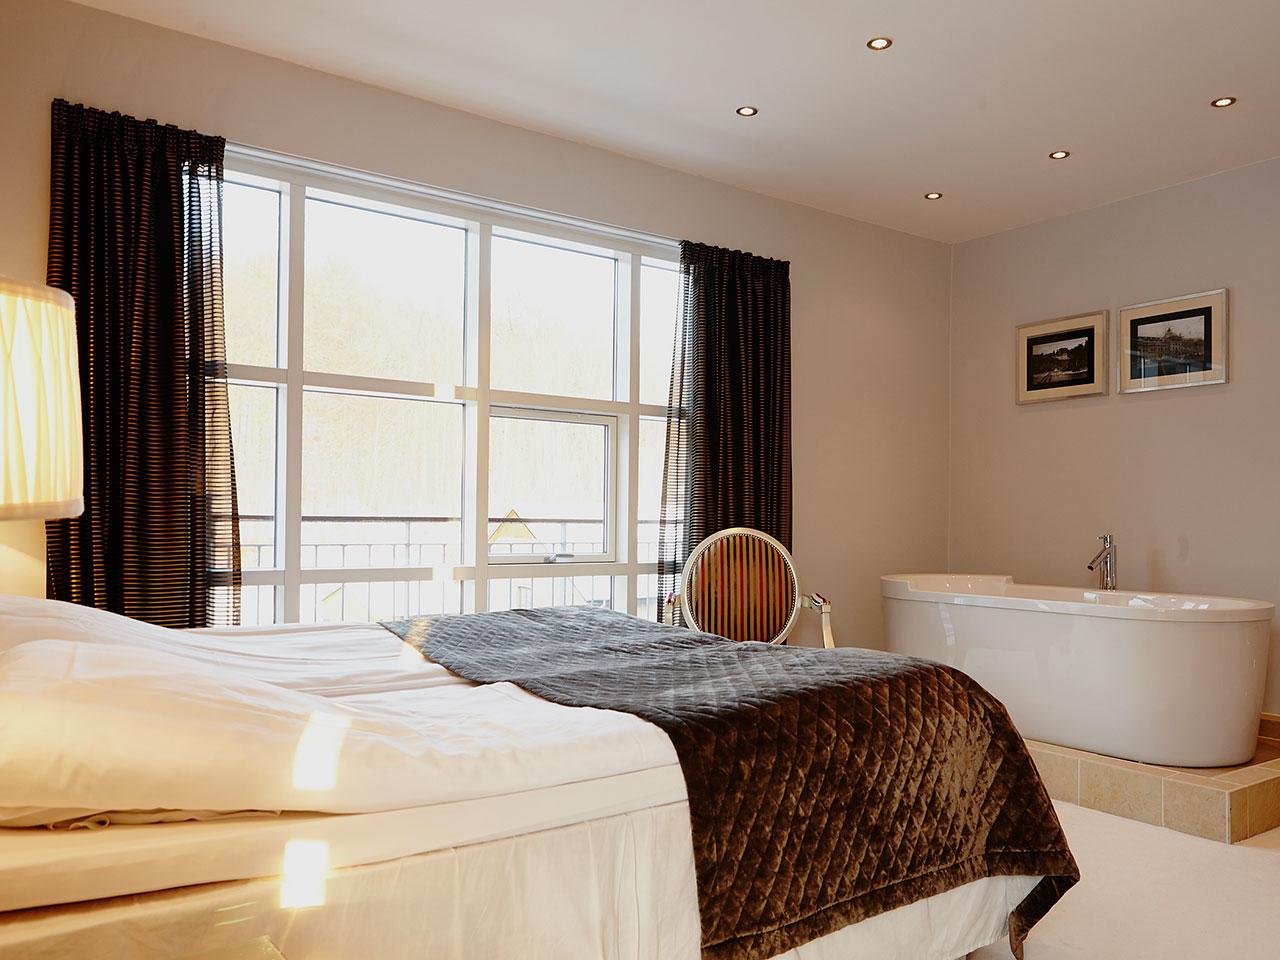 hotel med badekar Fotos af værelser og suiter på Hotel Vejlefjord hotel med badekar